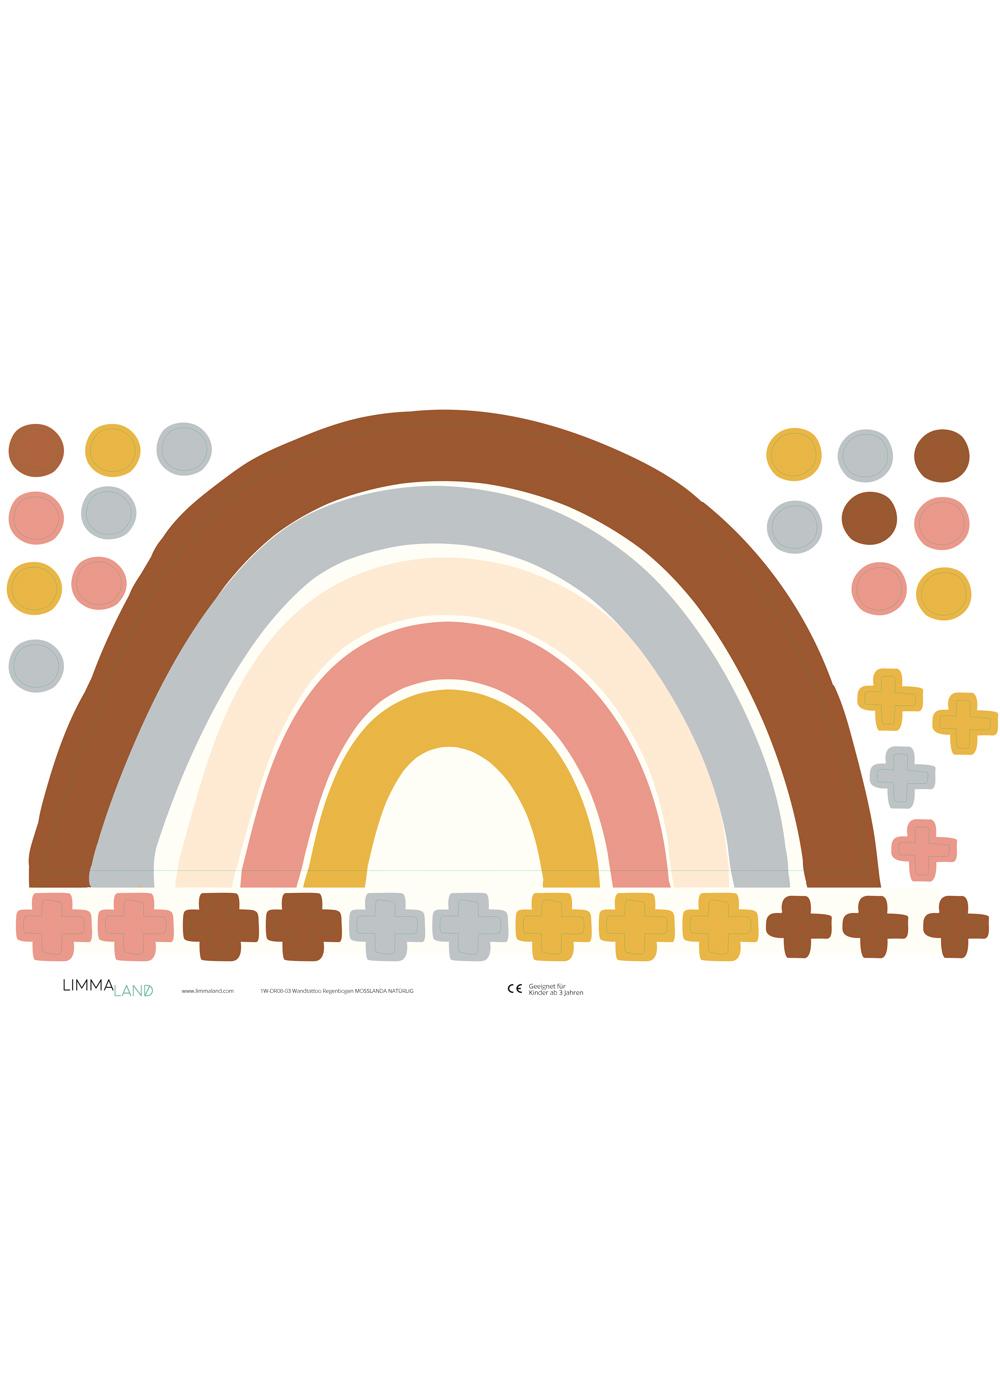 Ikea Mosslanda Bilderleiste Vielfalt Regenbogen Camel rose Druckvorlage